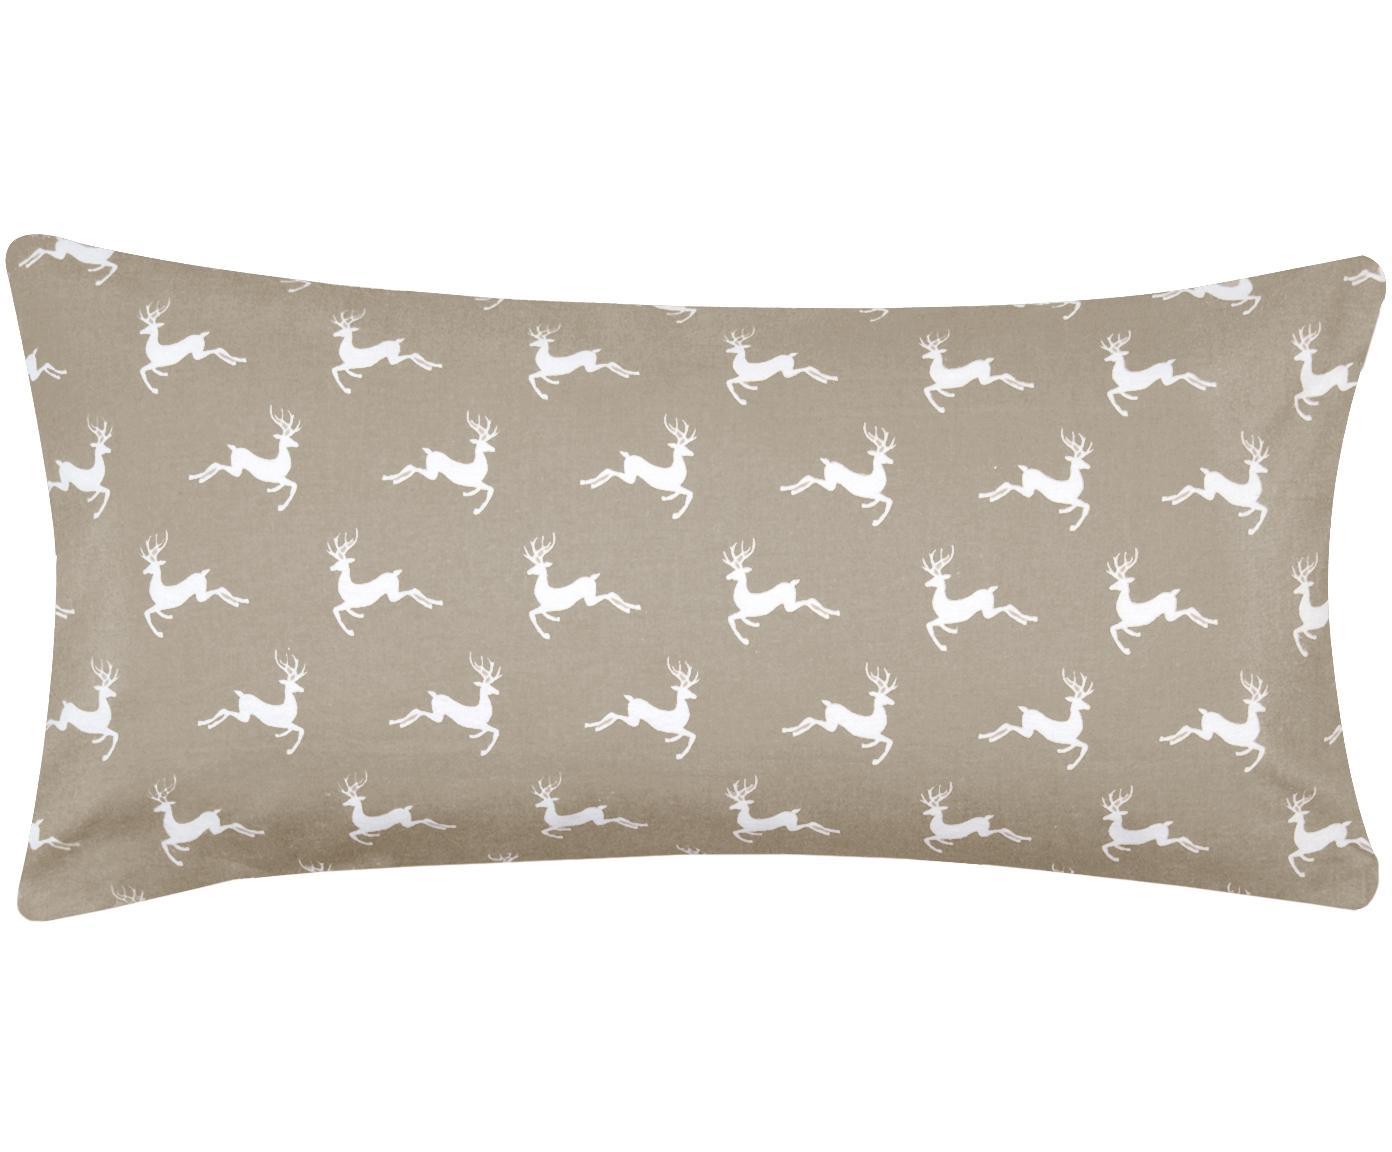 Poszewka na poduszkę z flaneli Rudolph, 2 szt., 100% bawełna, flanela, Beżowy, biały, S 40 x D 80 cm